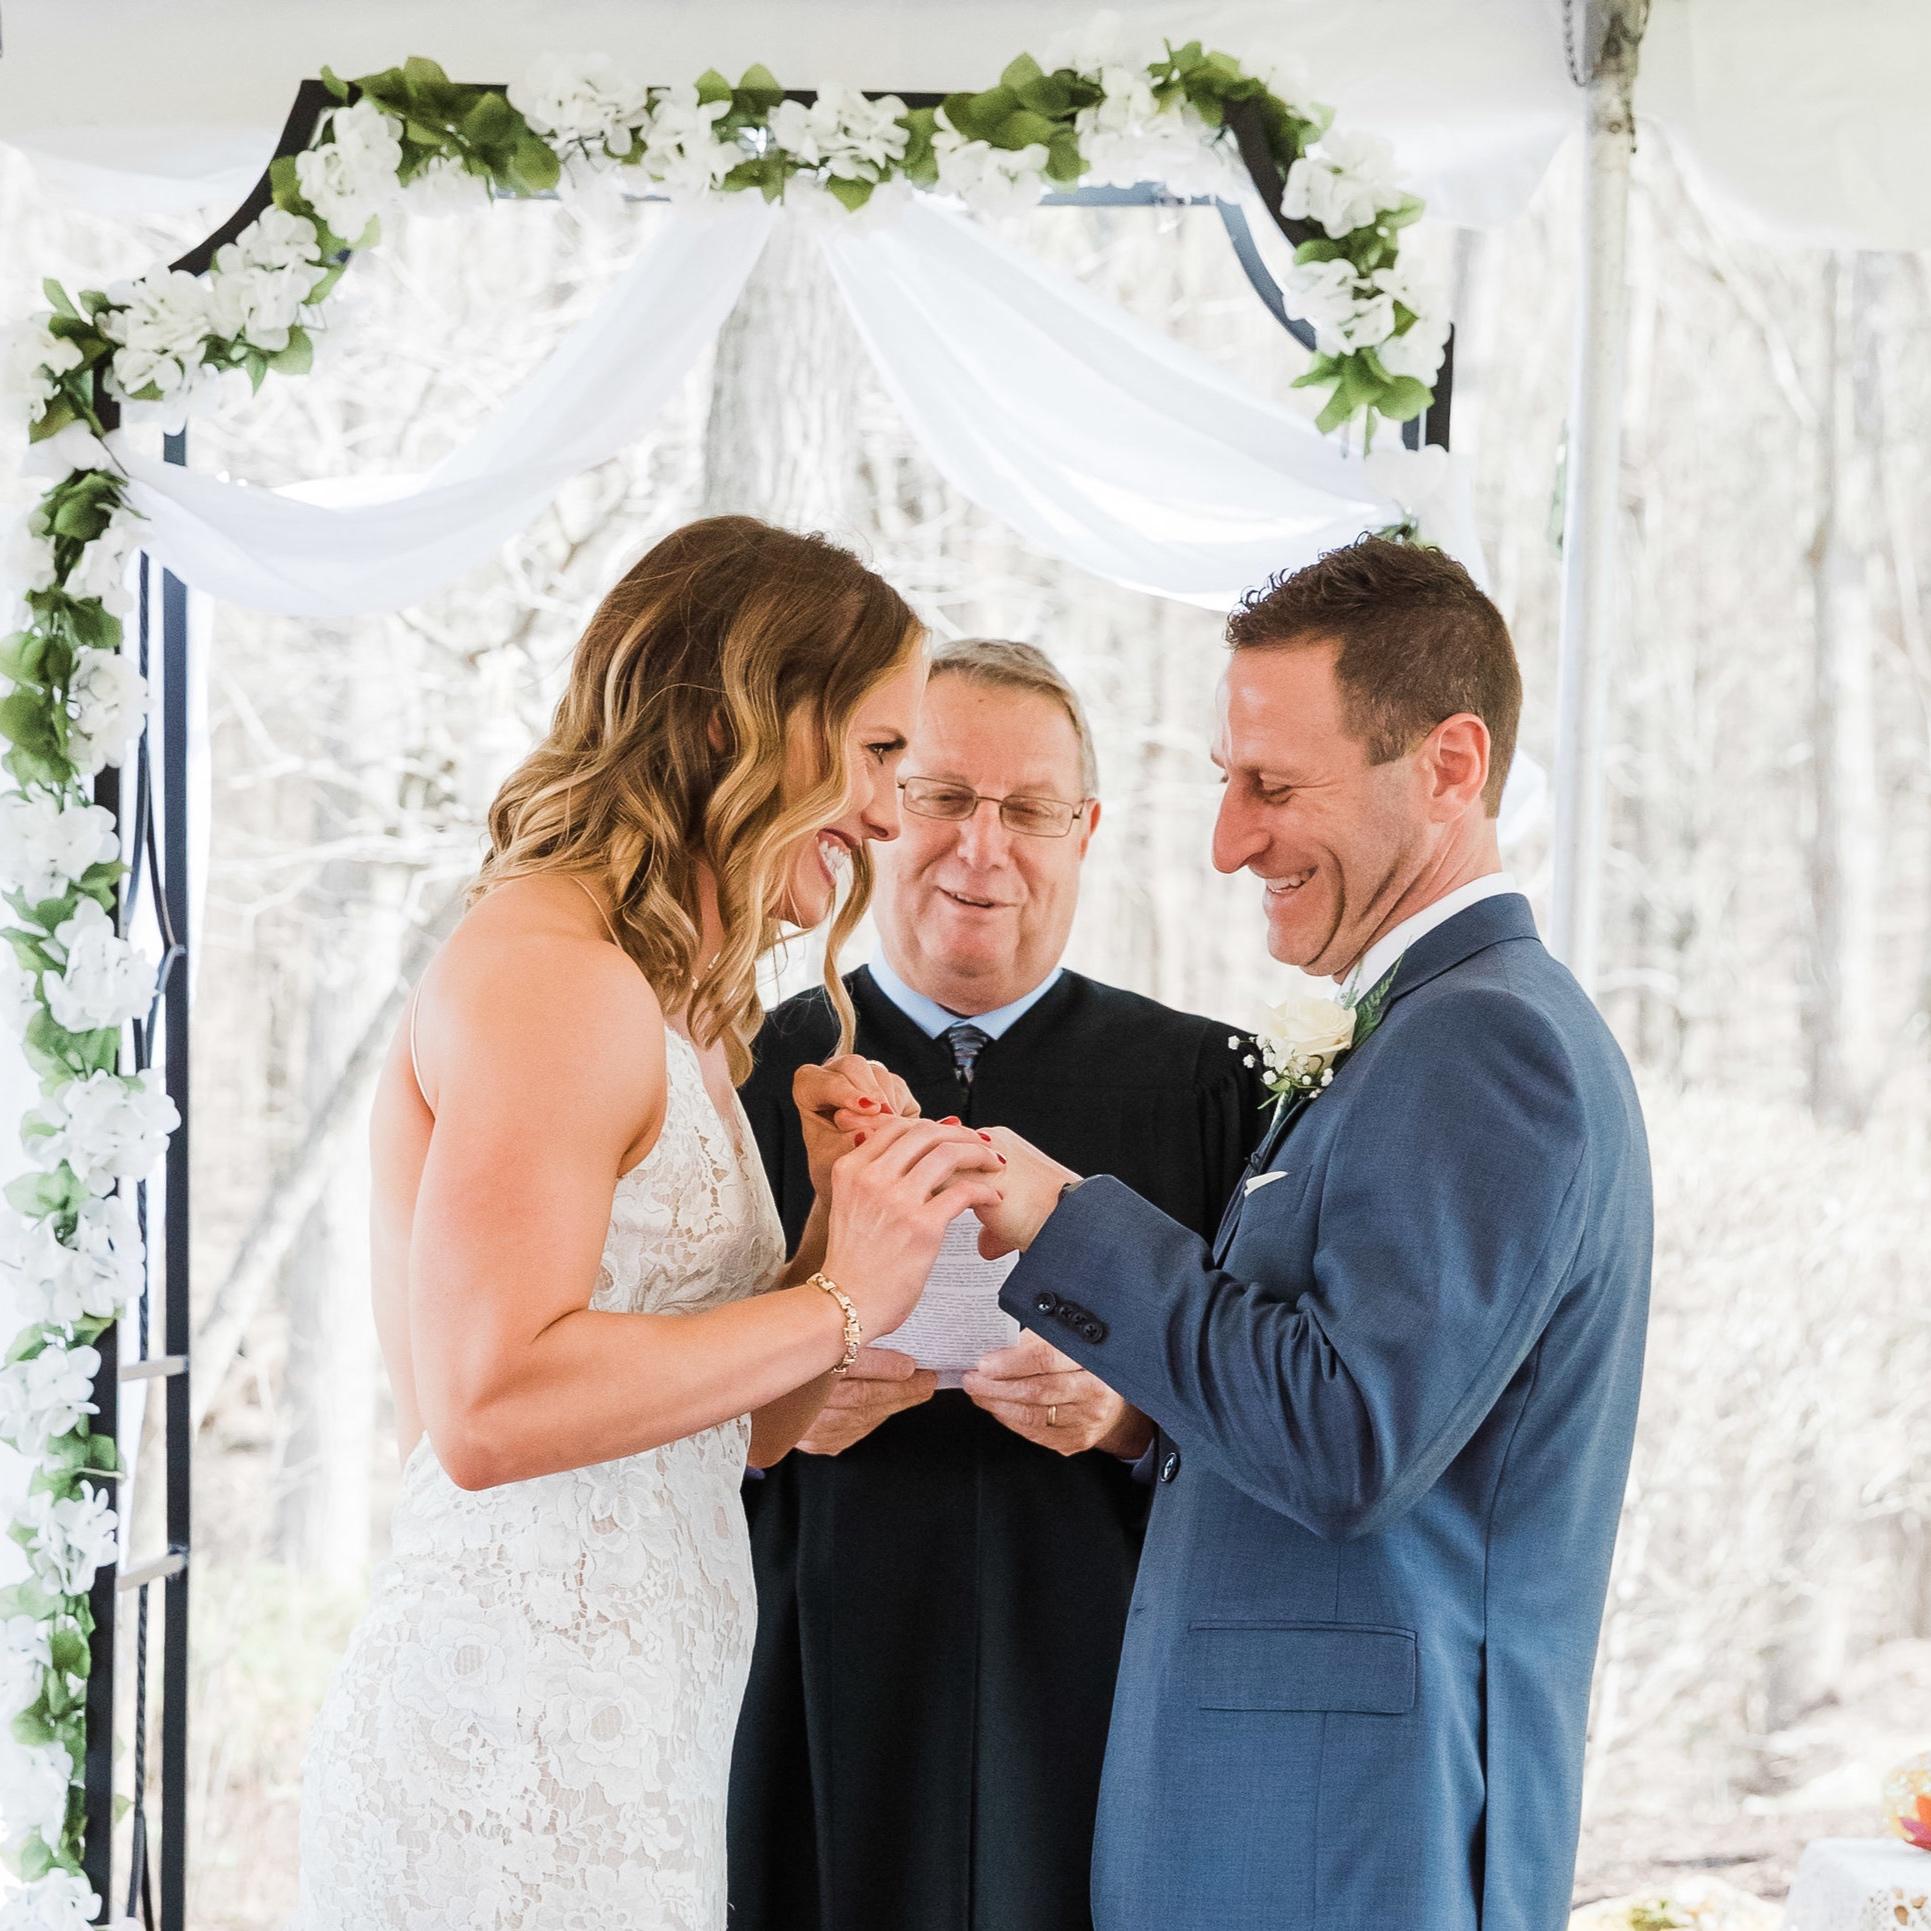 hudson-valley-wedding-viviana-podhaiski-photography-39.jpg